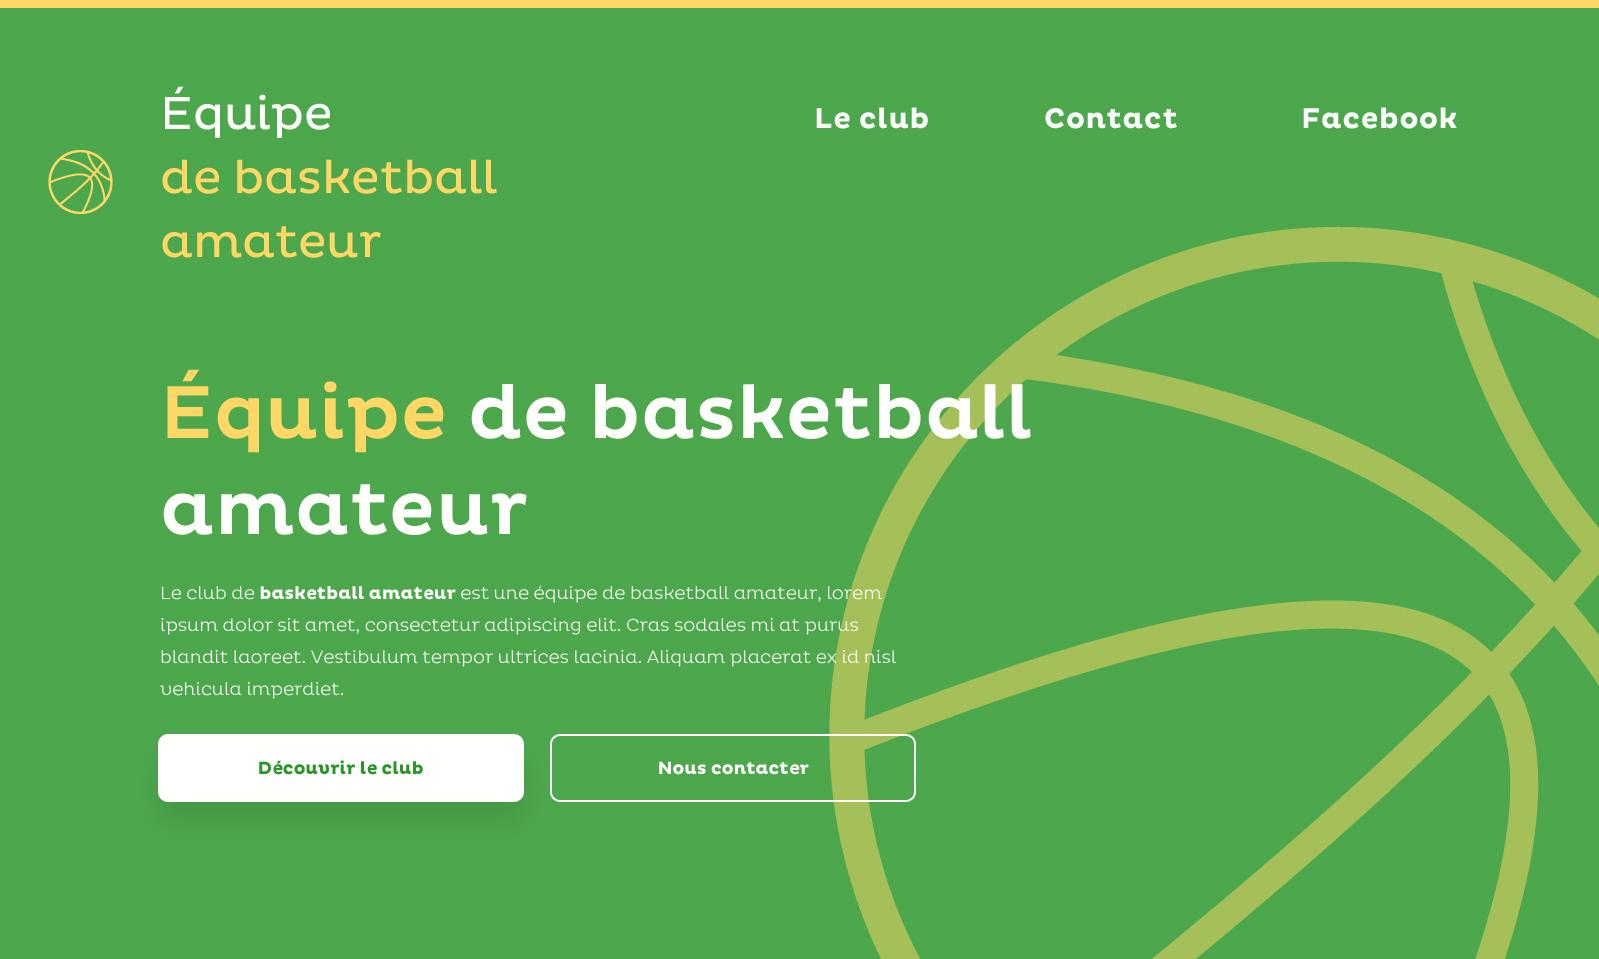 Équipe de basketball amateur